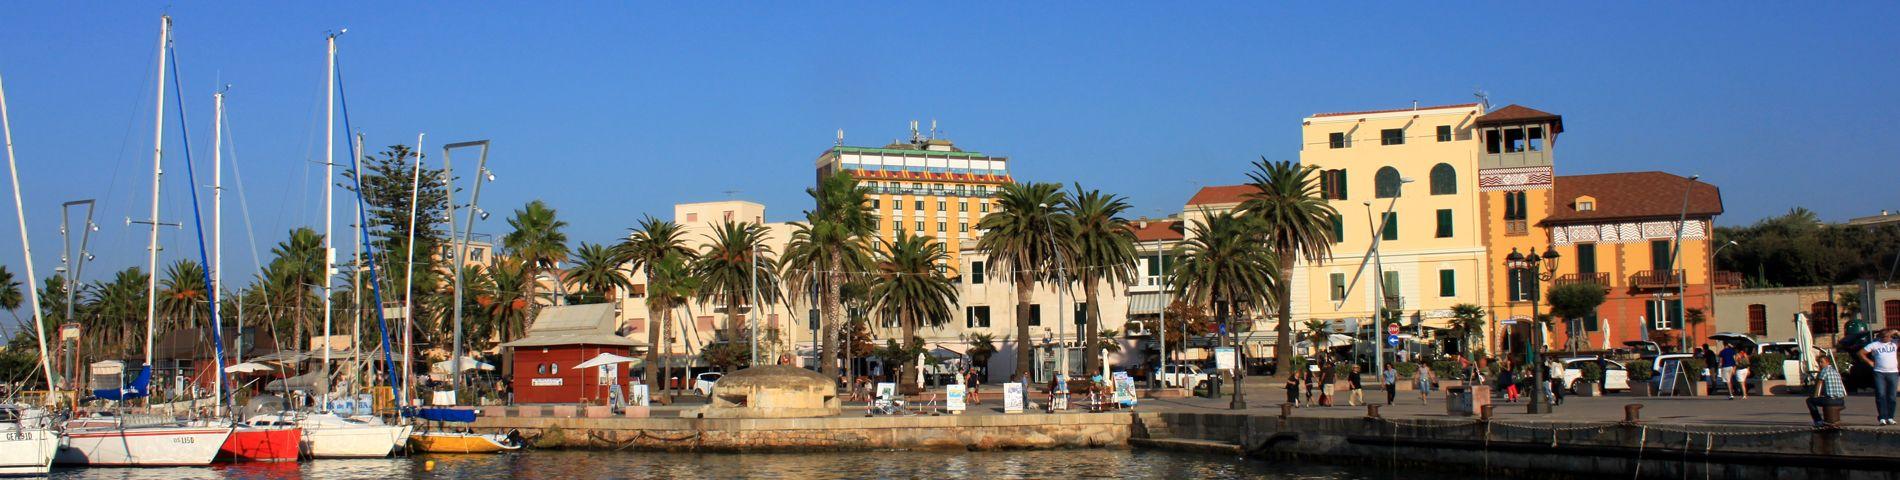 Alghero (Sardenha)